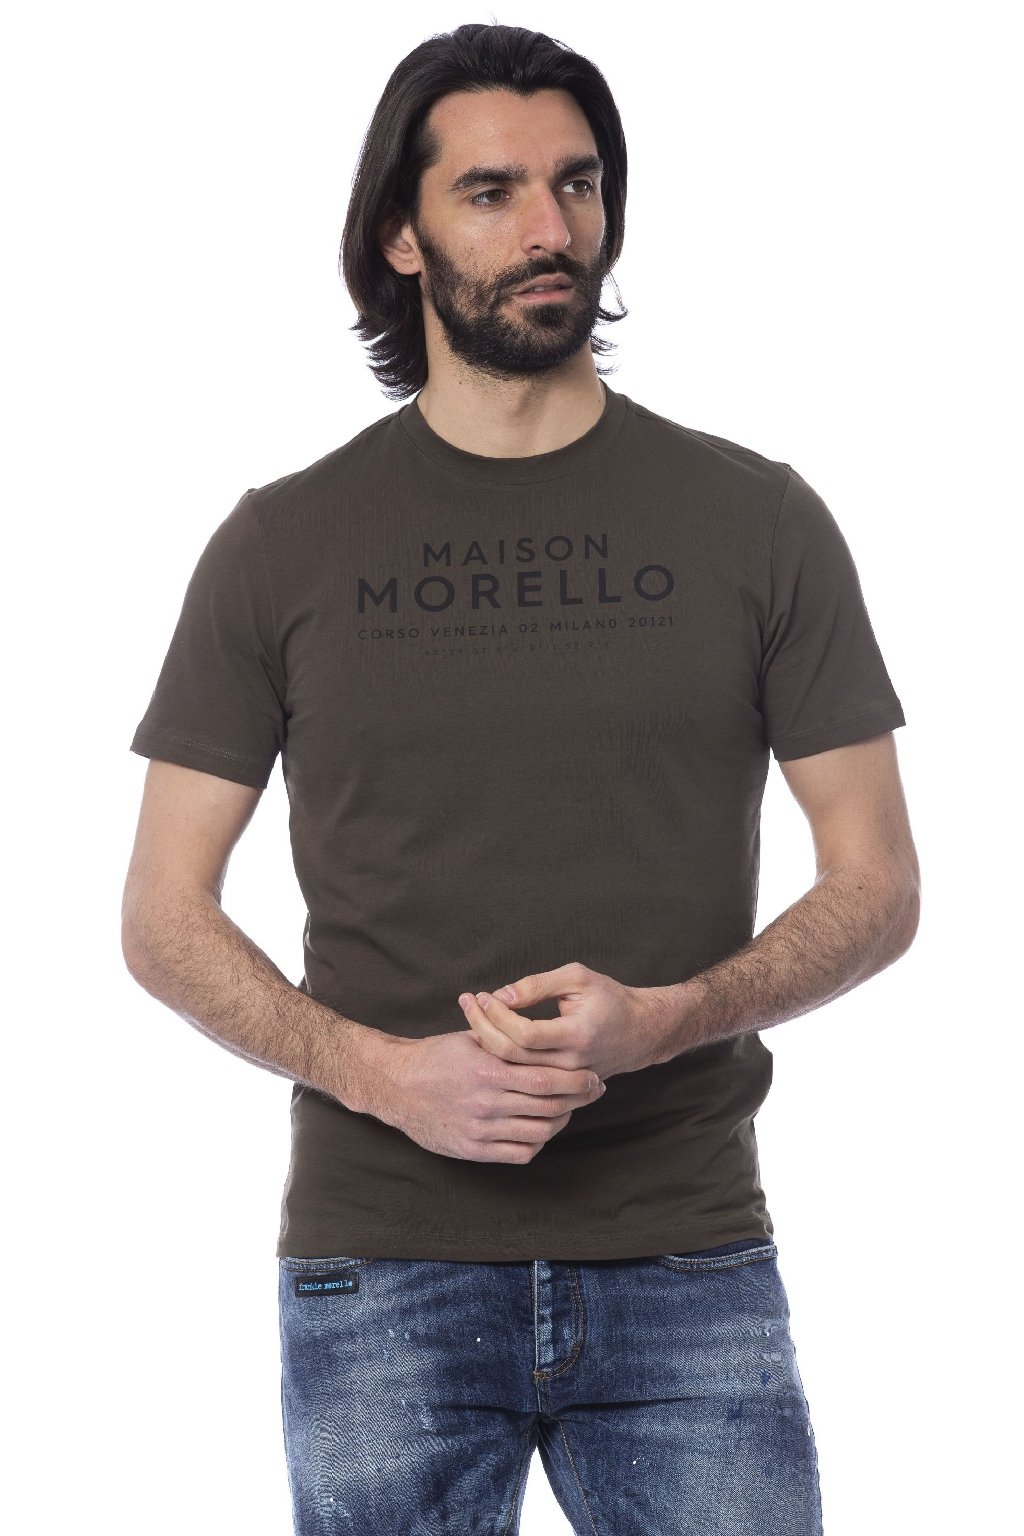 znackove panske tricko frankie morello mansion b (3)